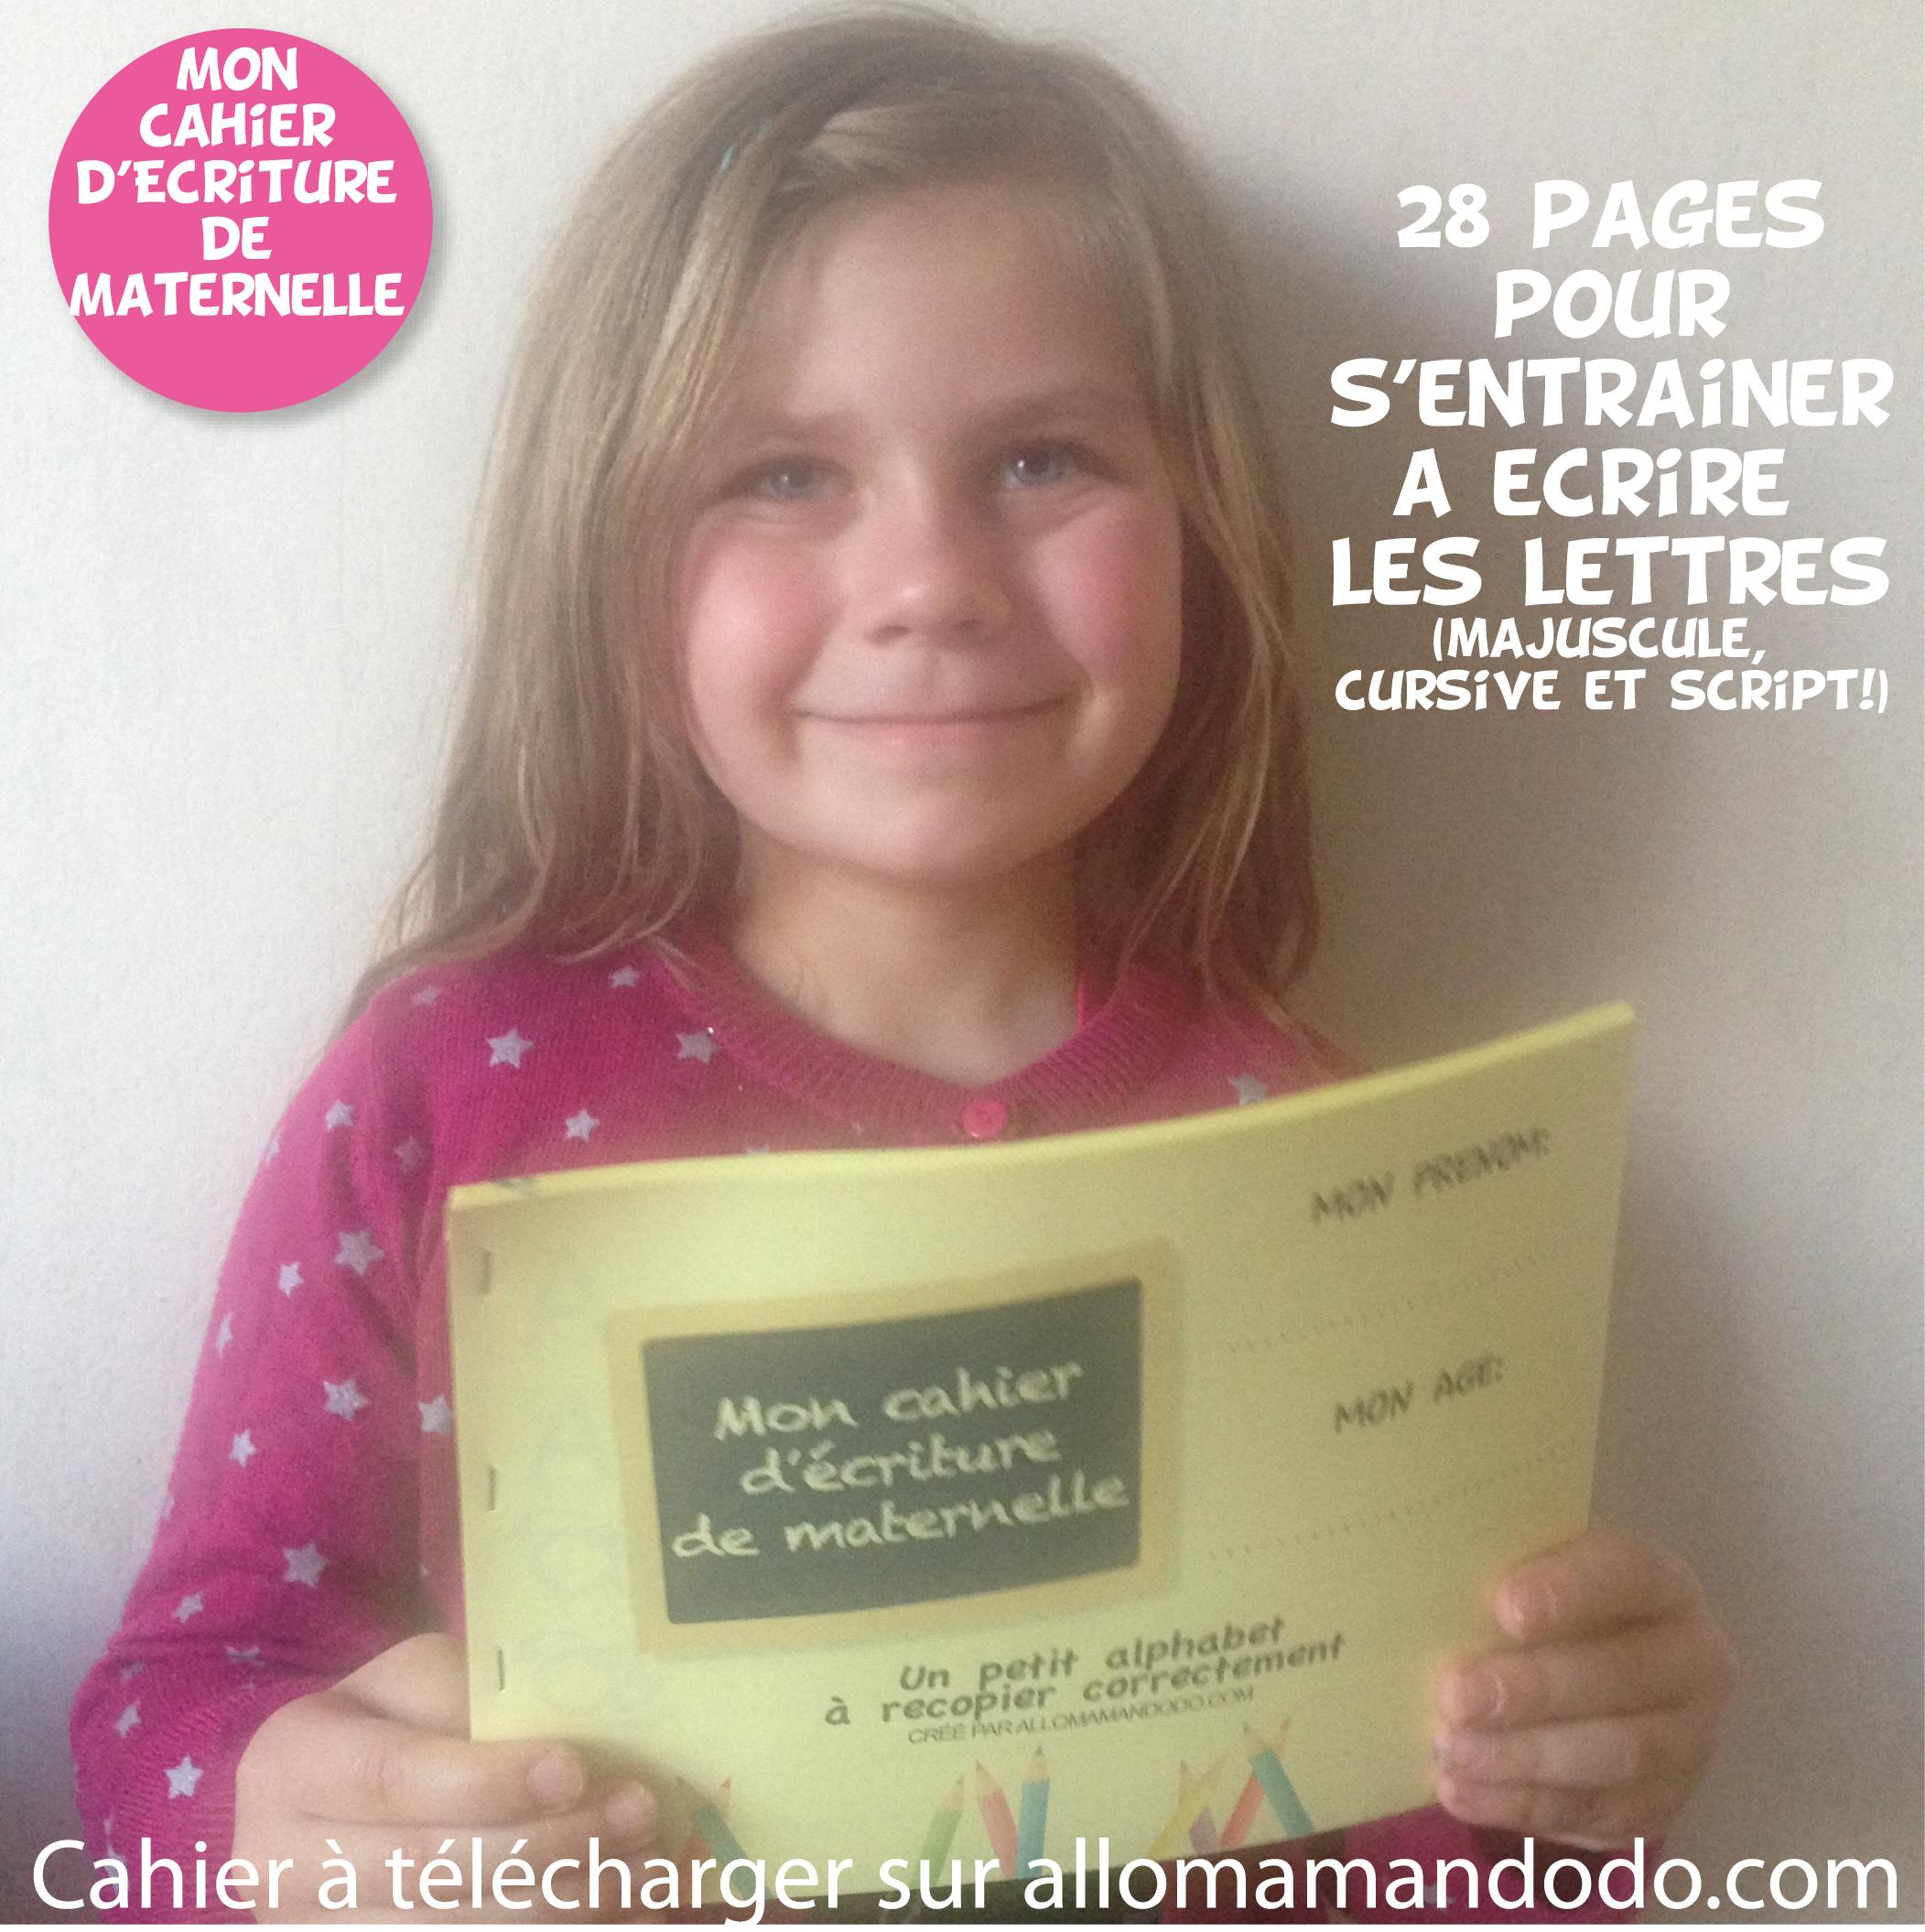 Le Cahier D'écriture De Maternelle À Télécharger ( Gratuit pour Apprendre Ecriture Maternelle